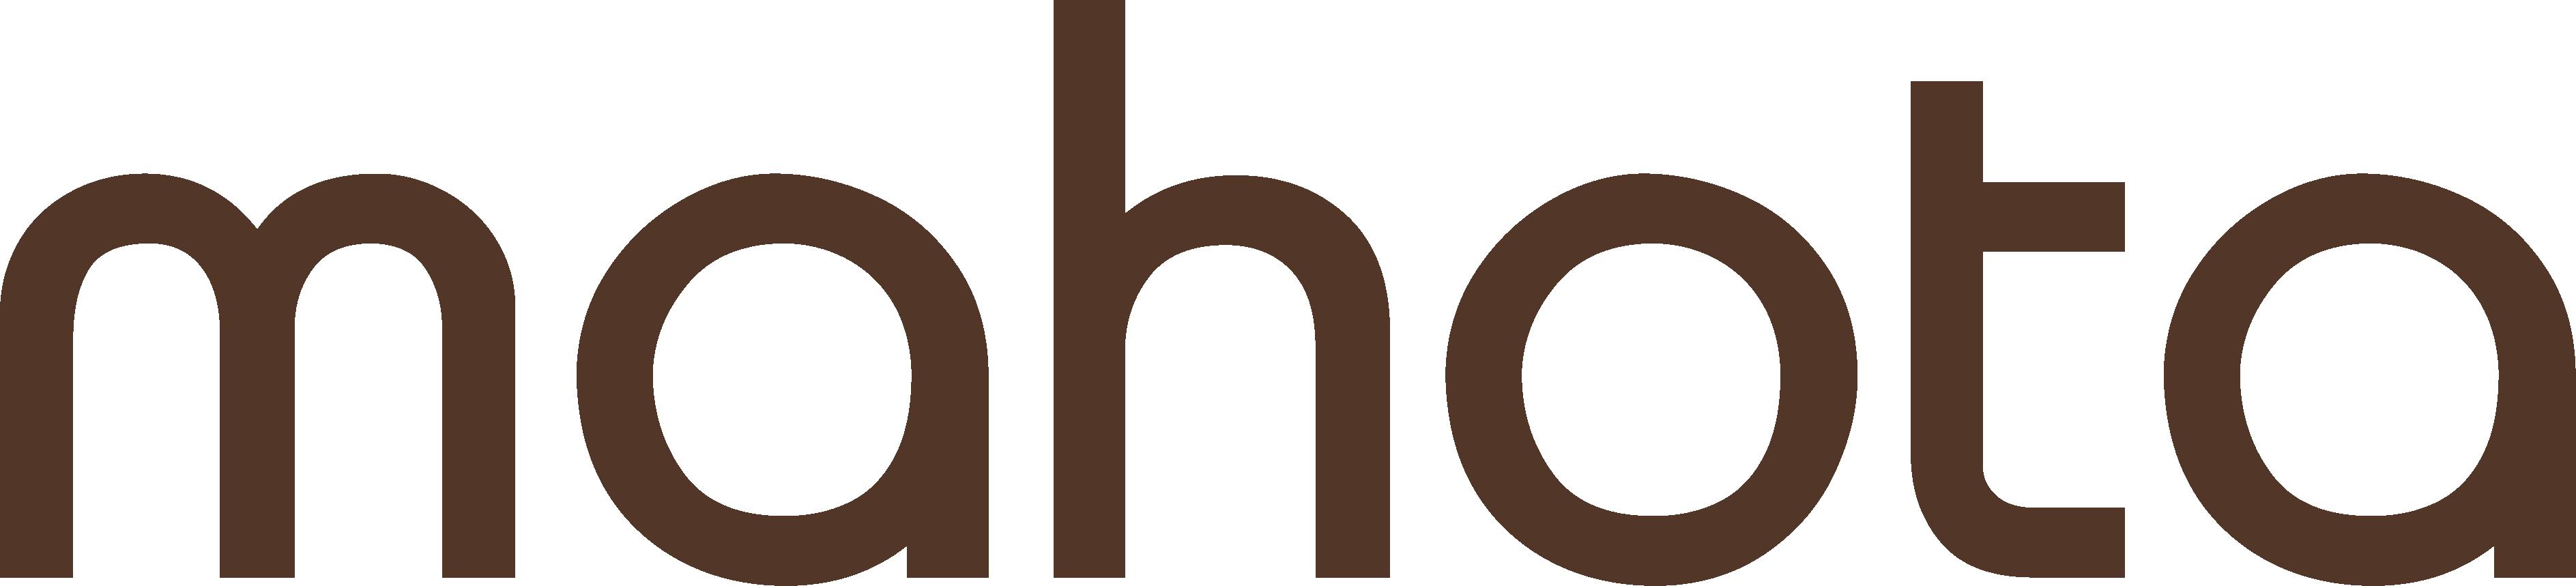 Mahota